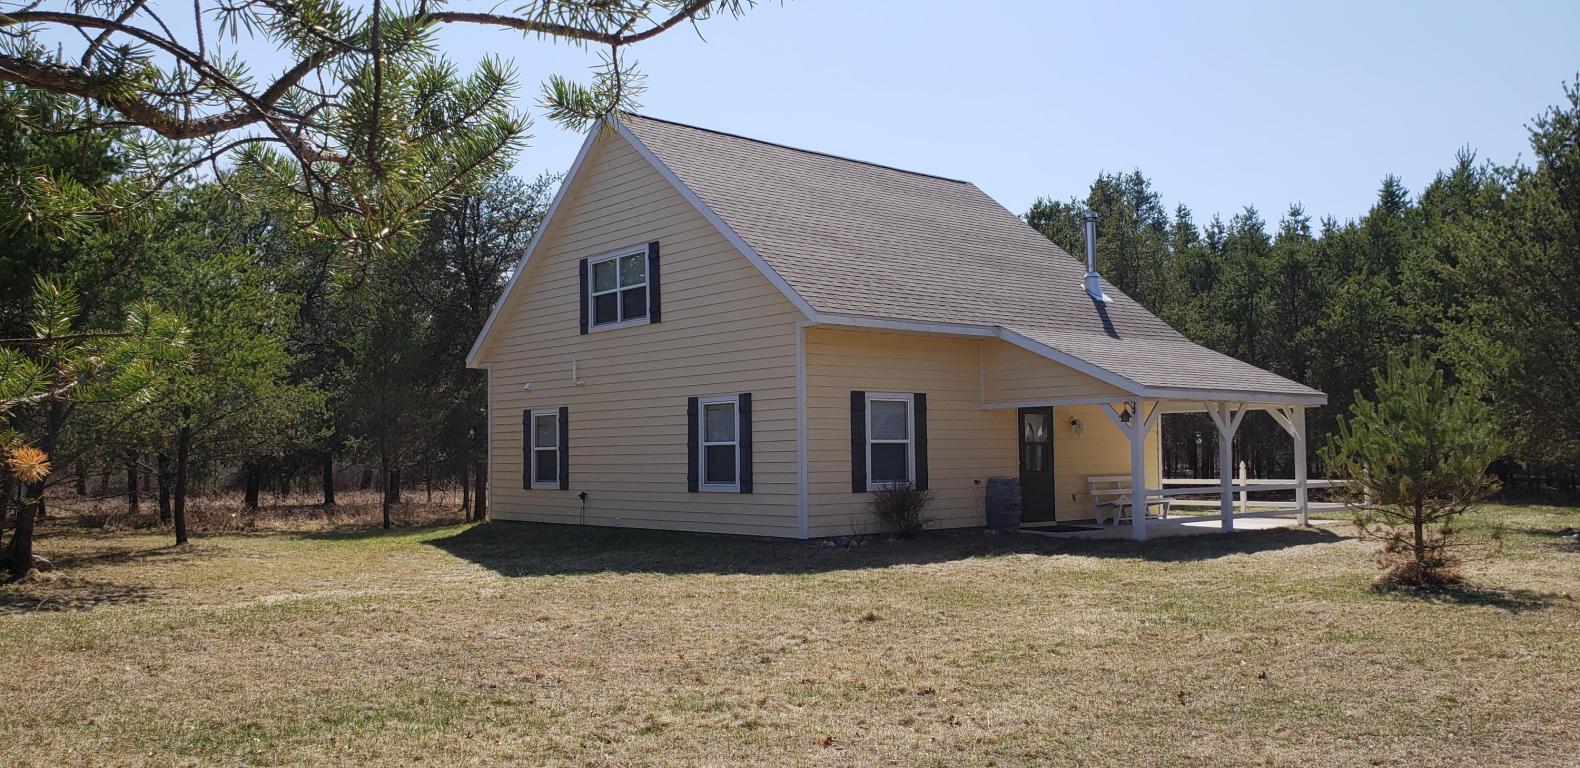 N11716 Whispering Pine Lane Athelstane, WI 54104